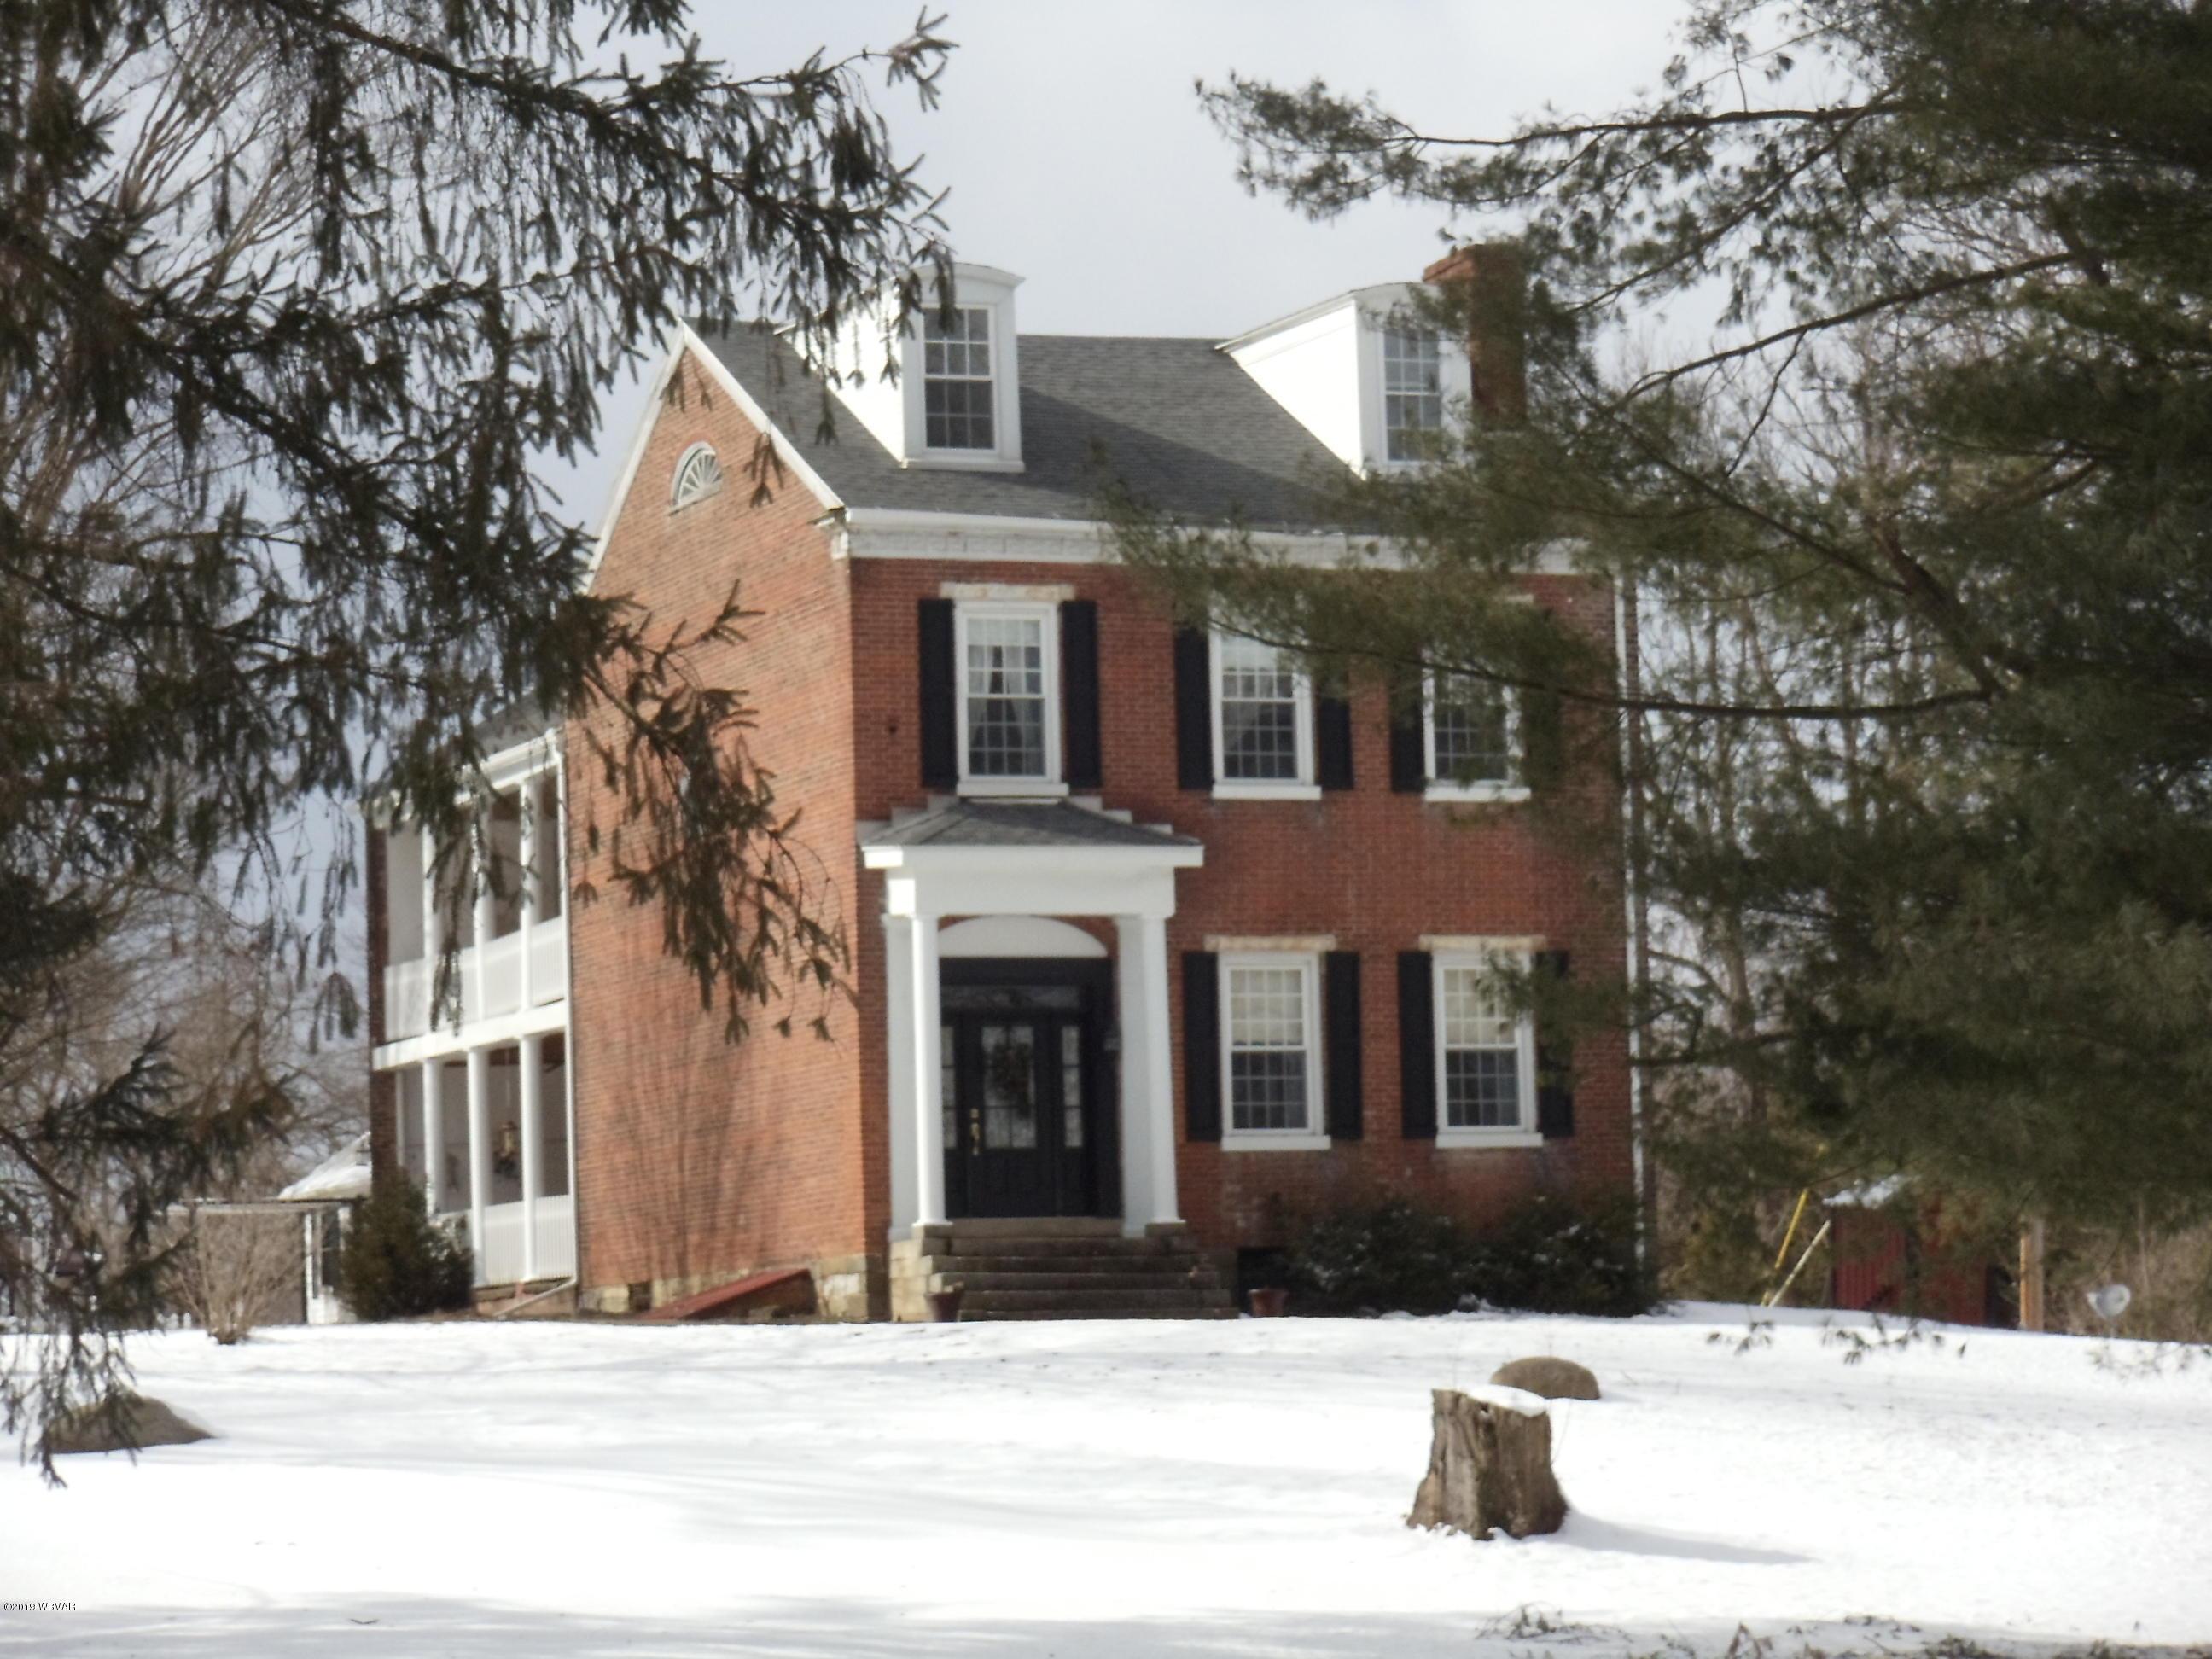 84 FOGELMAN ROAD,Muncy,PA 17756,5 Bedrooms Bedrooms,3 BathroomsBathrooms,Residential,FOGELMAN,WB-86634